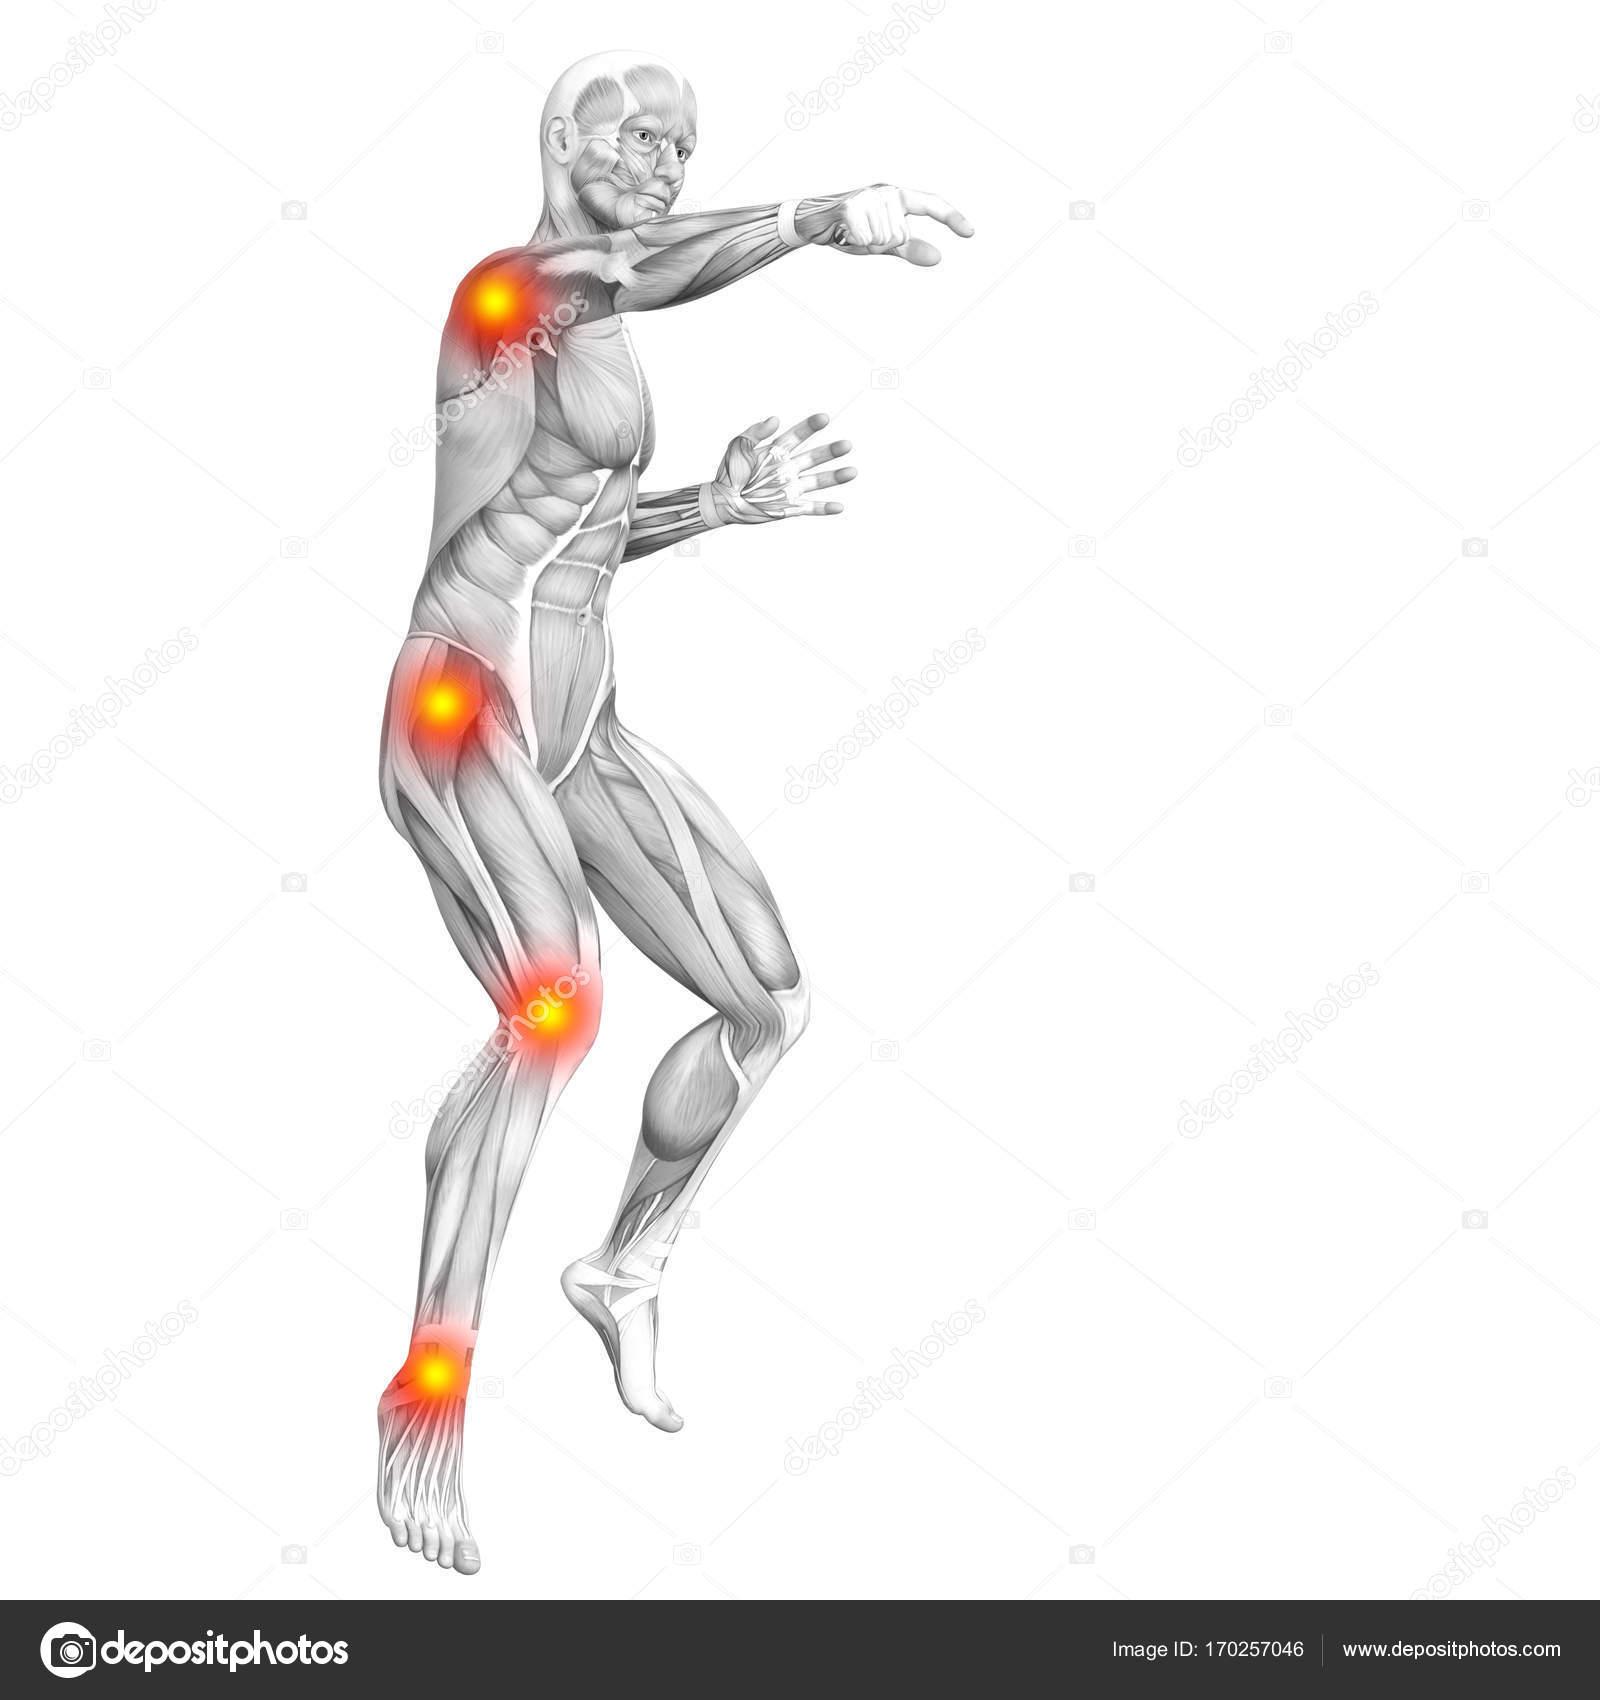 menschlichen Muskel-Anatomie — Stockfoto © design36 #170257046